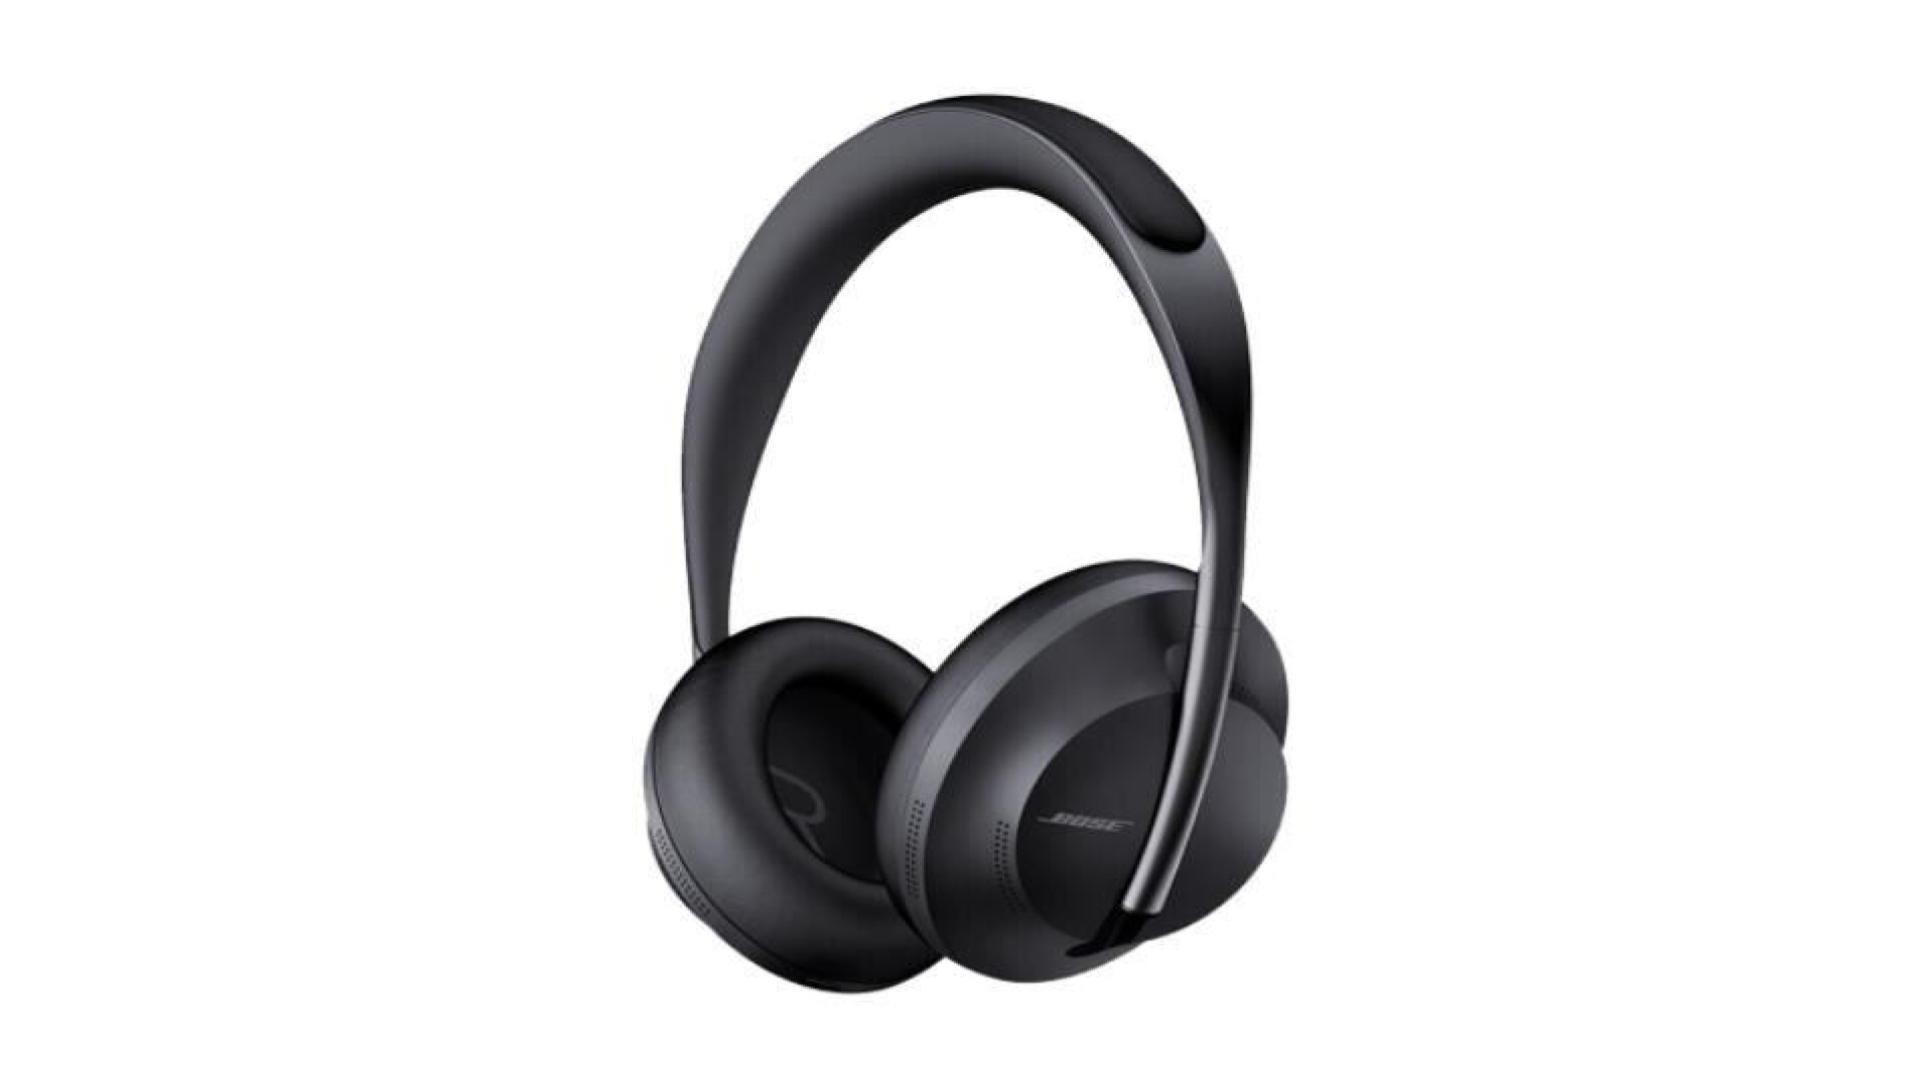 L'incontournable Bose Headphones 700 baisse encore : le voilà à 262 euros